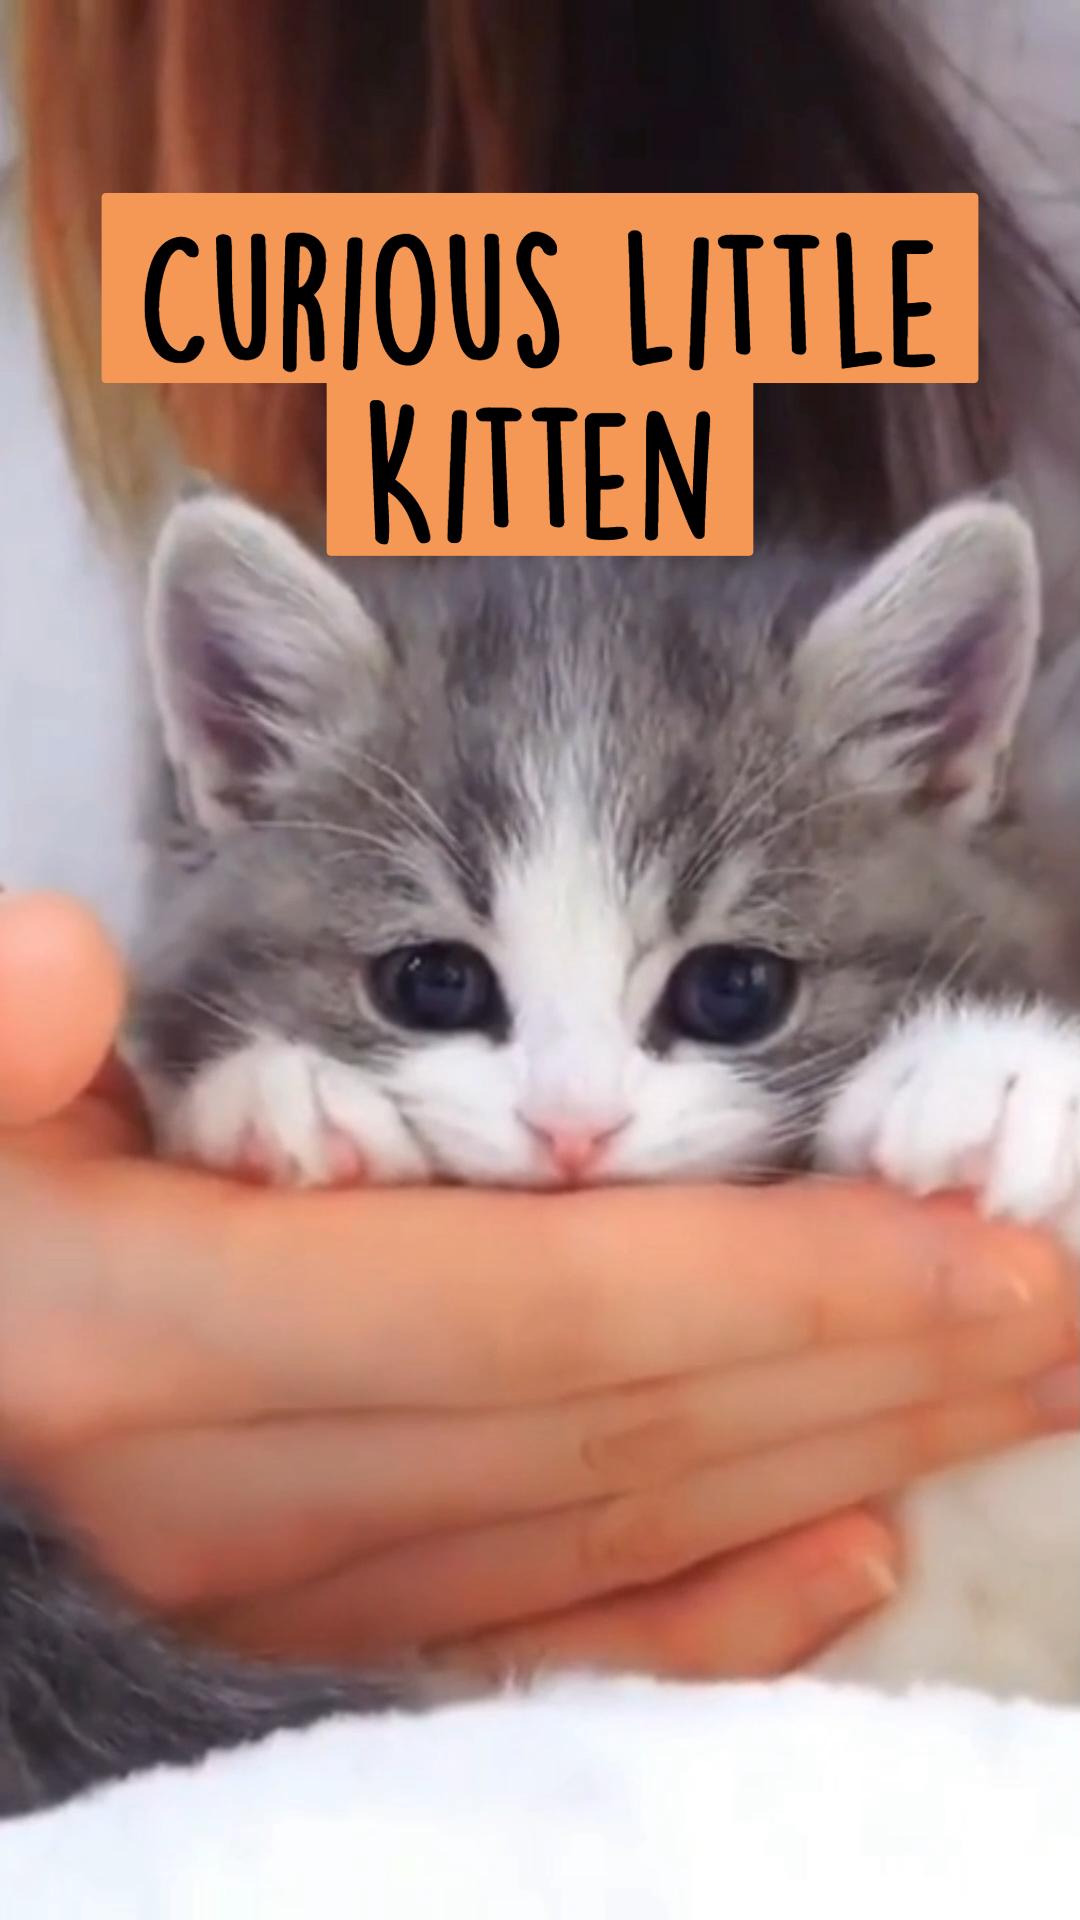 Curious Little Kitten